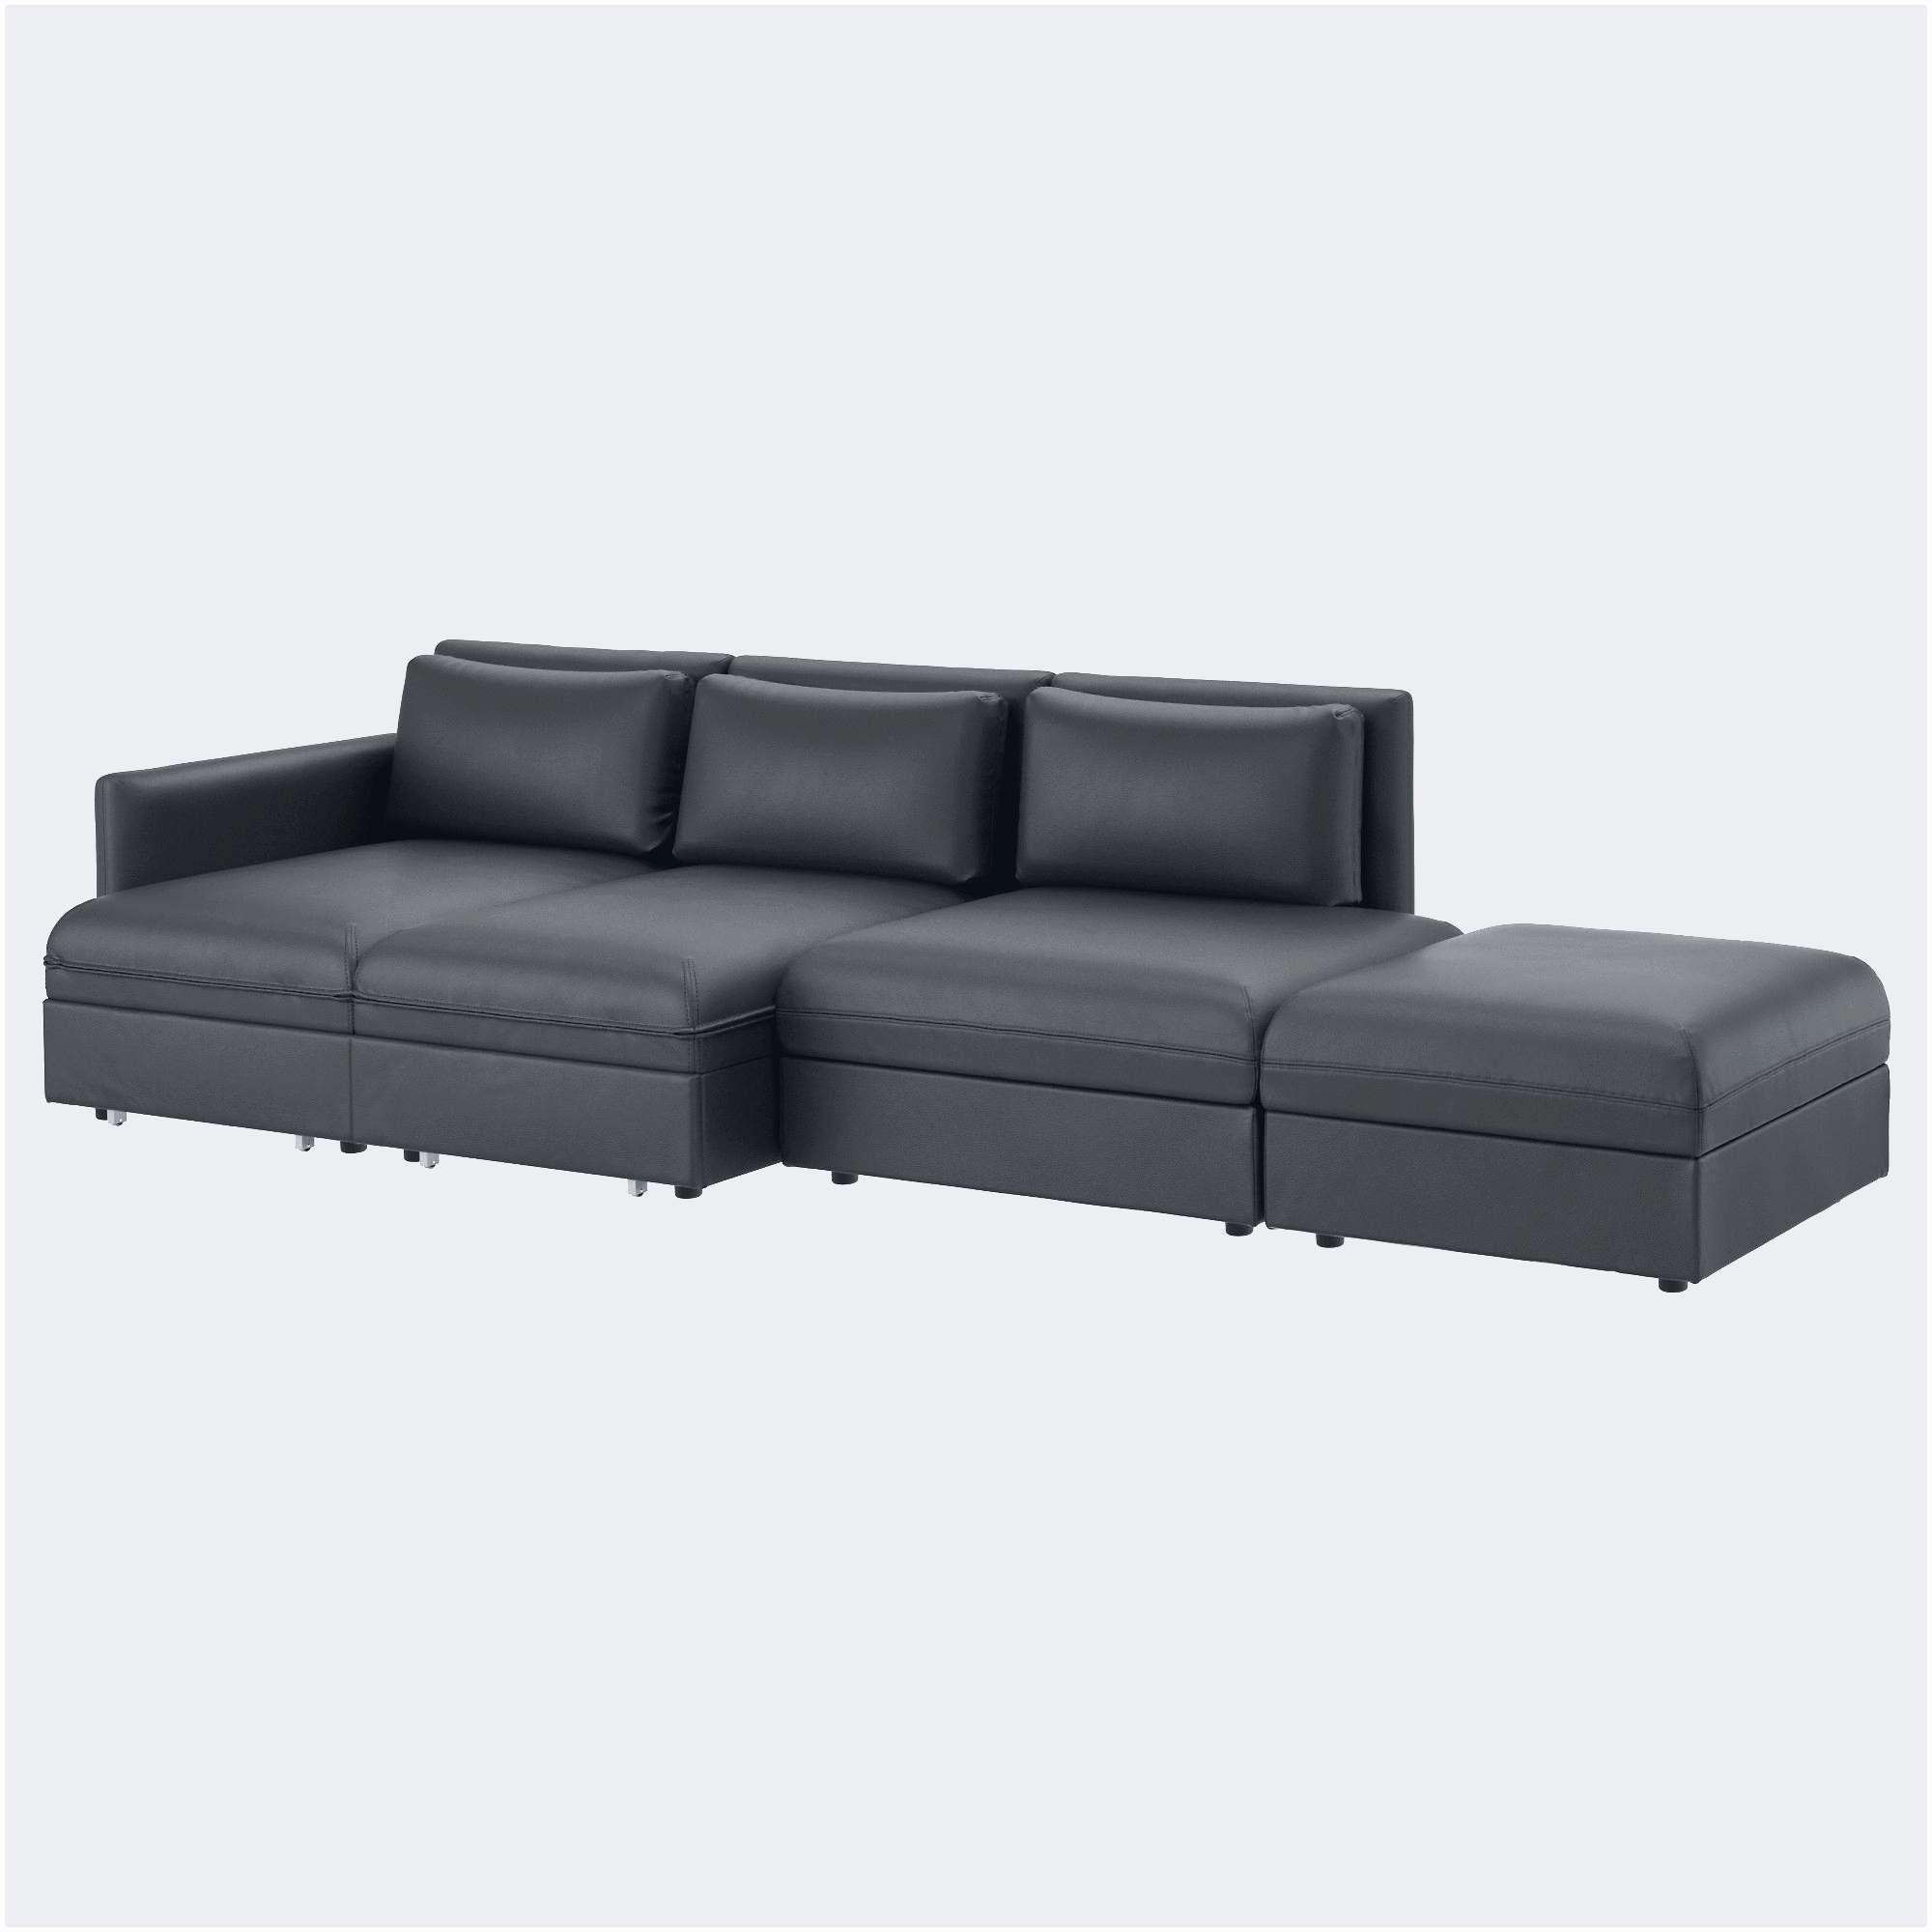 Couvre Lit Matelassé Ikea Unique 60 Canapé Lit Gigogne Ikea Vue Jongor4hire